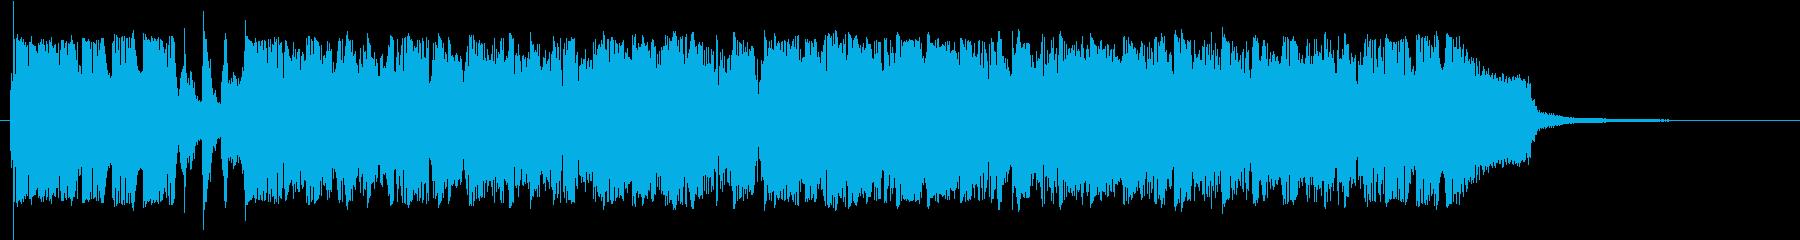 インパクト大な鋭く尖った勢いあるジングルの再生済みの波形